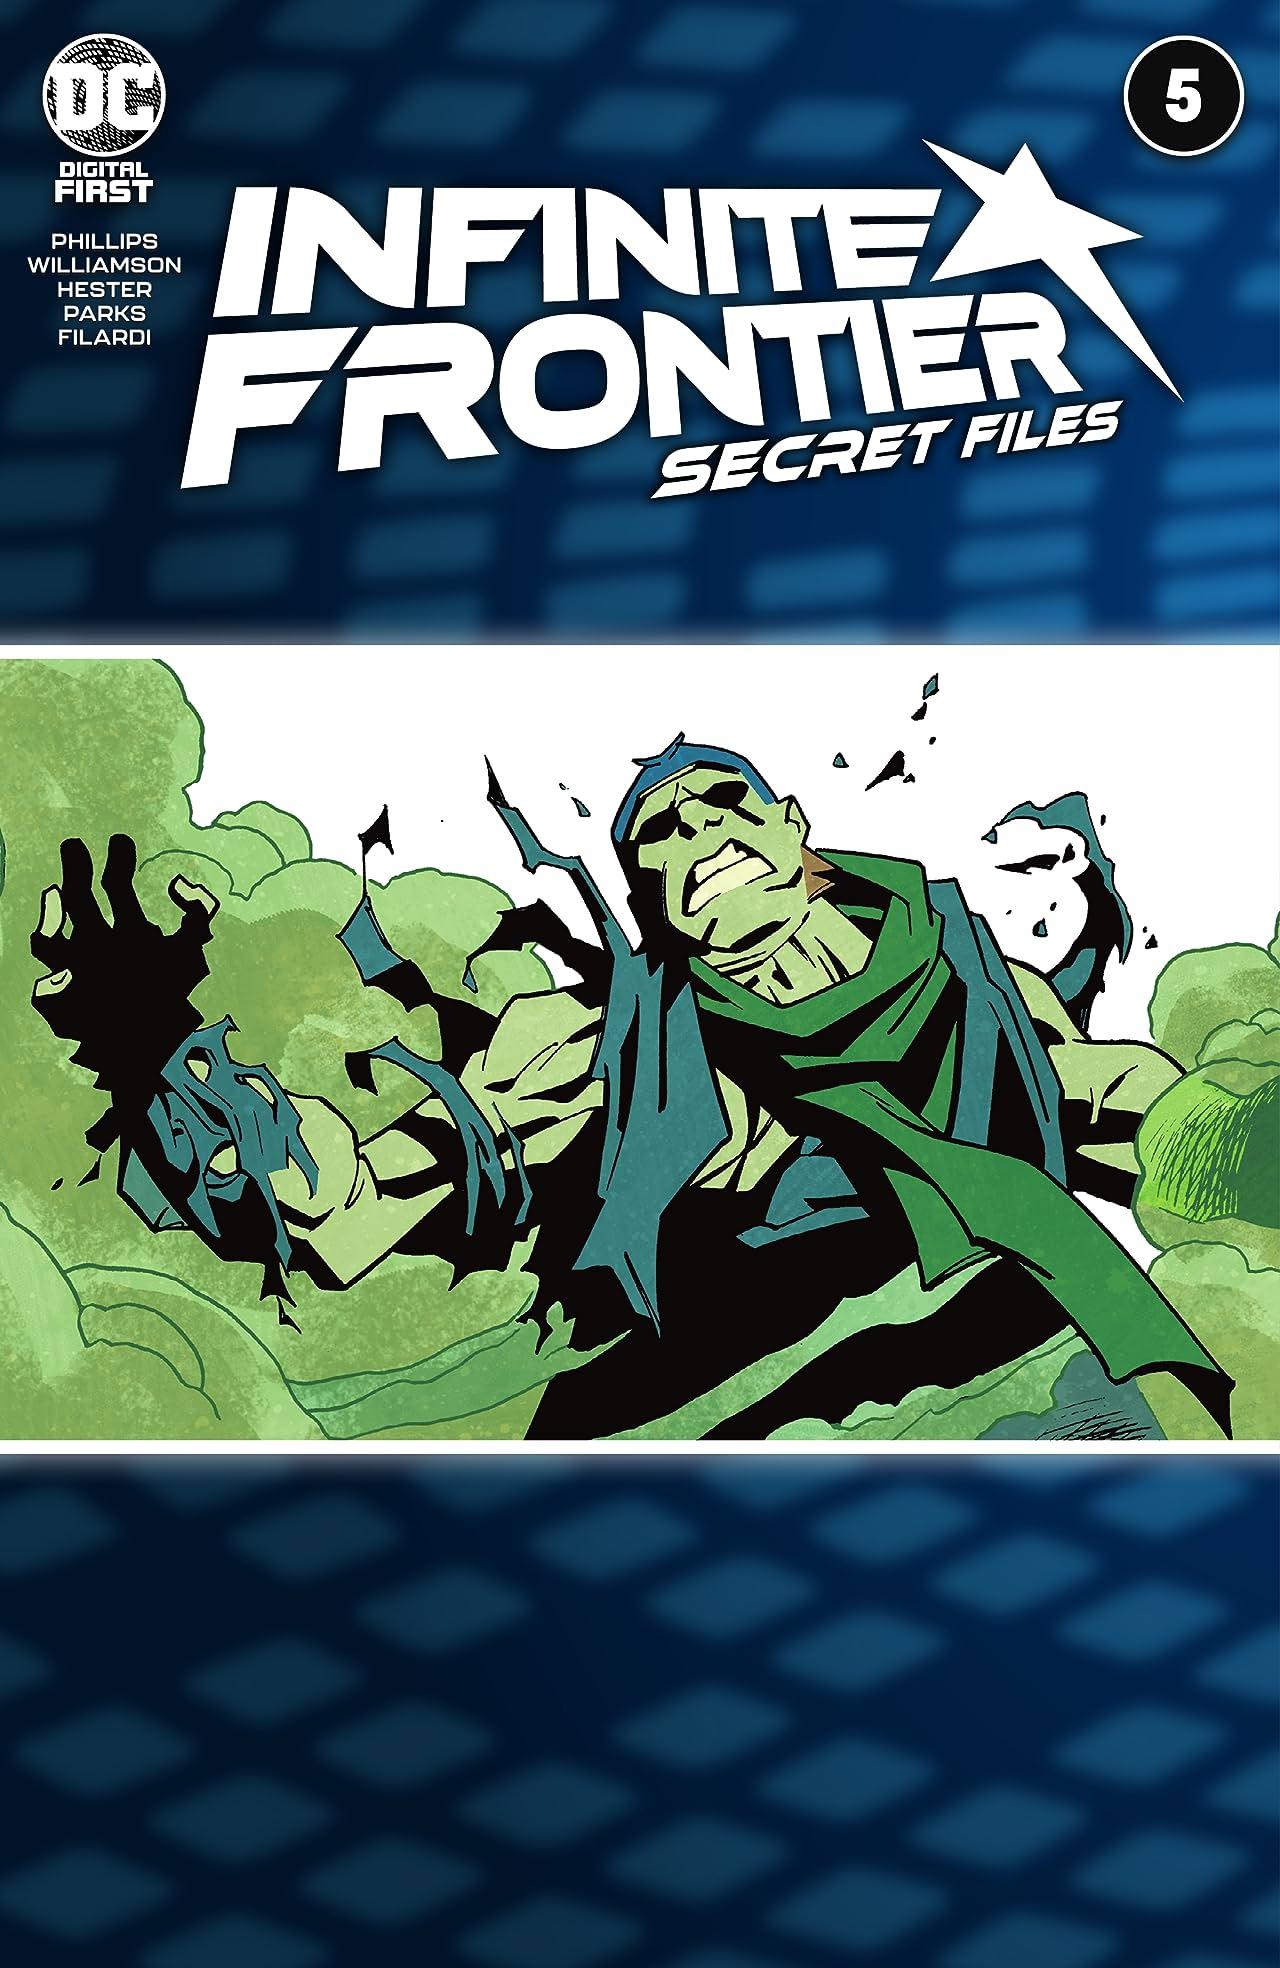 Infinite Frontier (2021) #5: Secret Files